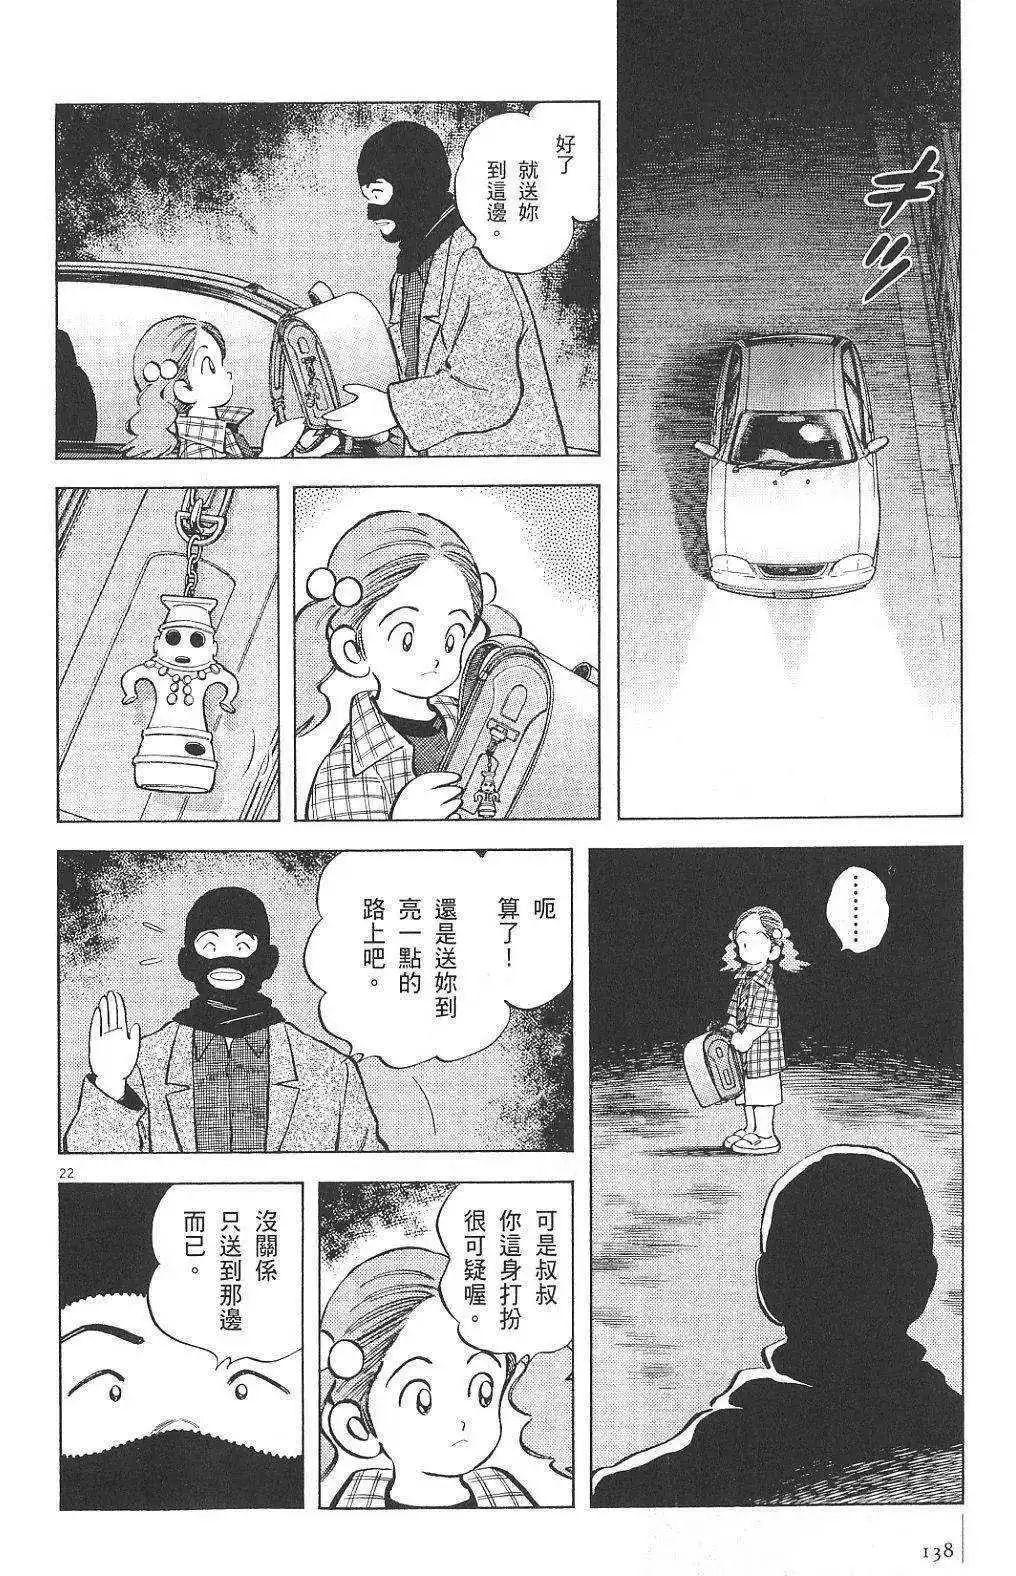 女生故事《绑架》小女孩与绑匪的漫画舞蹈系毕业照人性图片